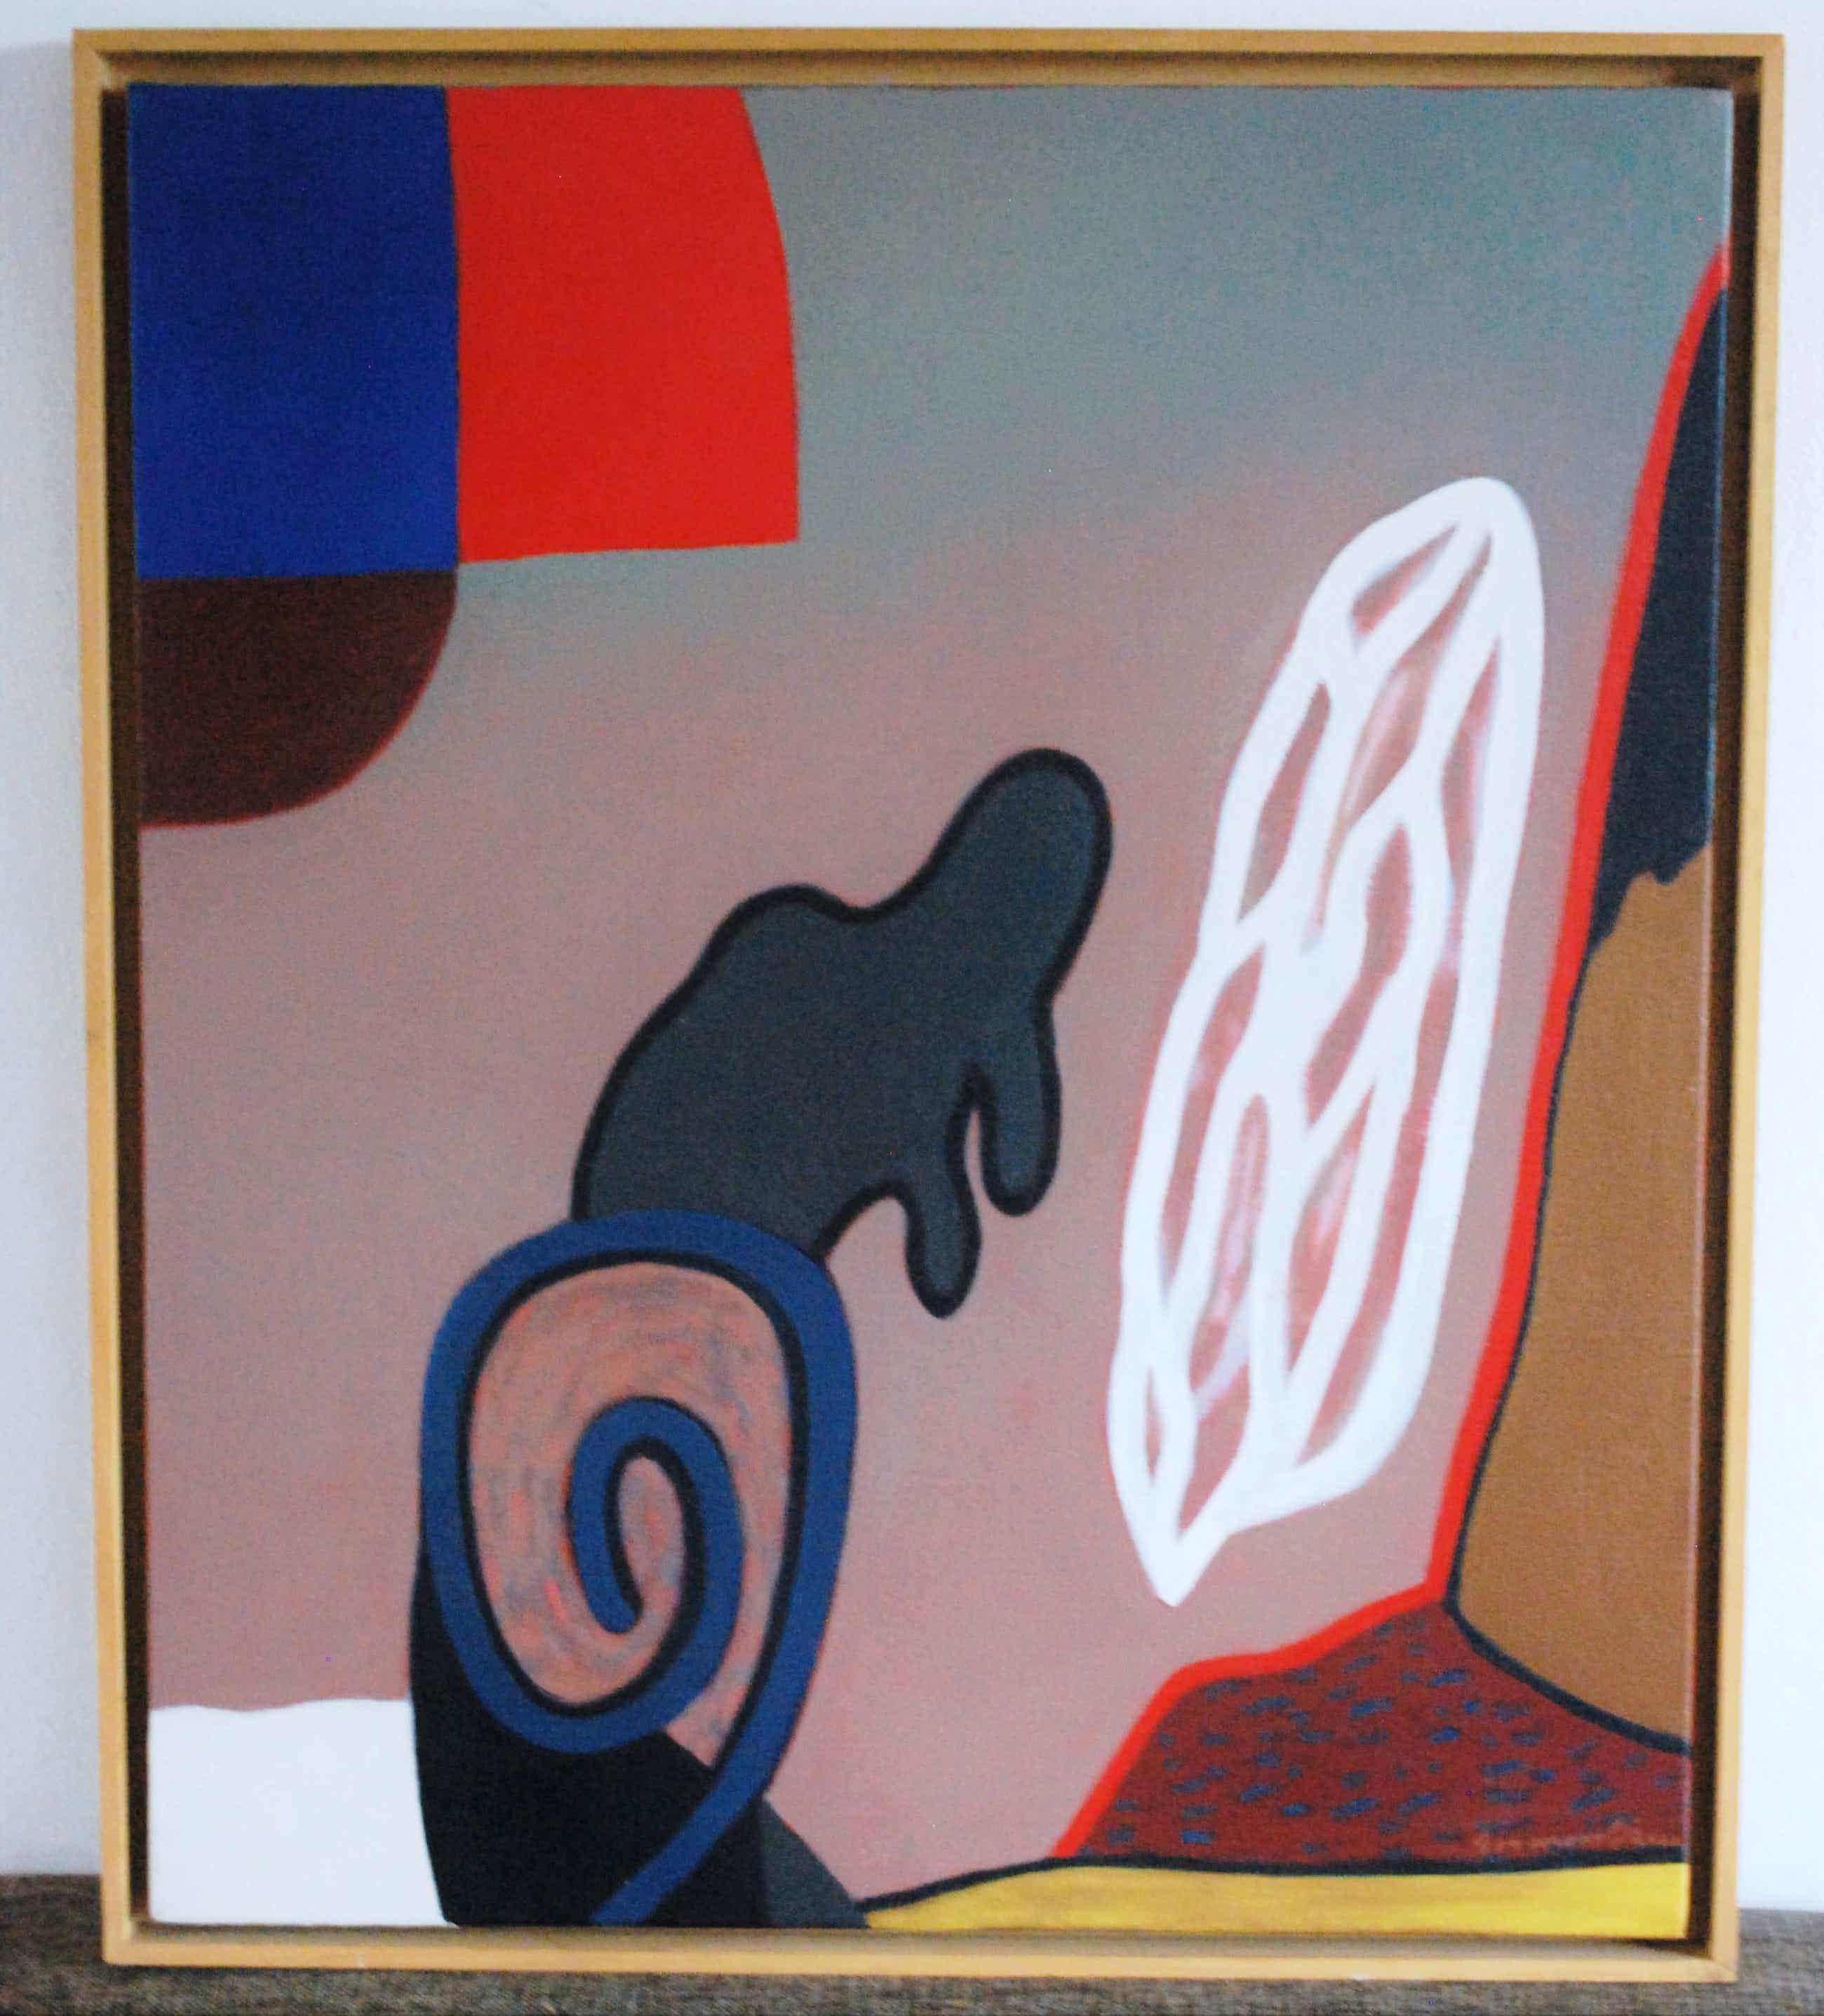 Doris Groeneveld - olieverf op doek - Nieuw Zeeland 2000 - incl kunstboek kopen? Bied vanaf 160!